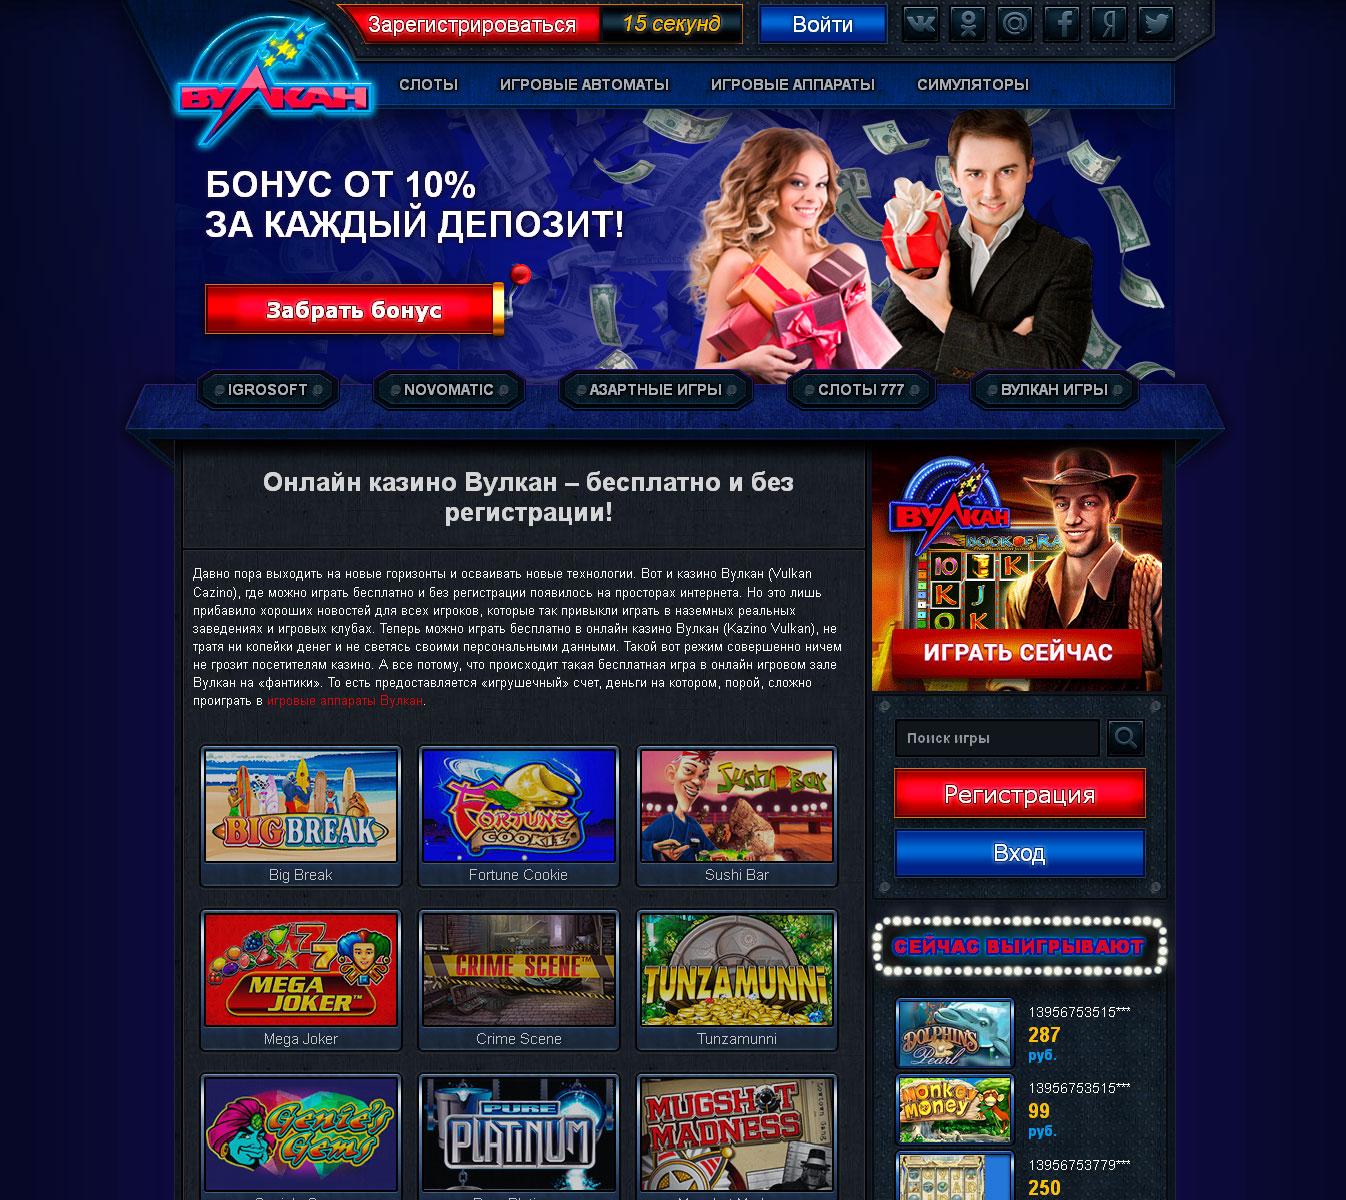 Онлайн казино Вулкан – бесплатно и без регистрации!